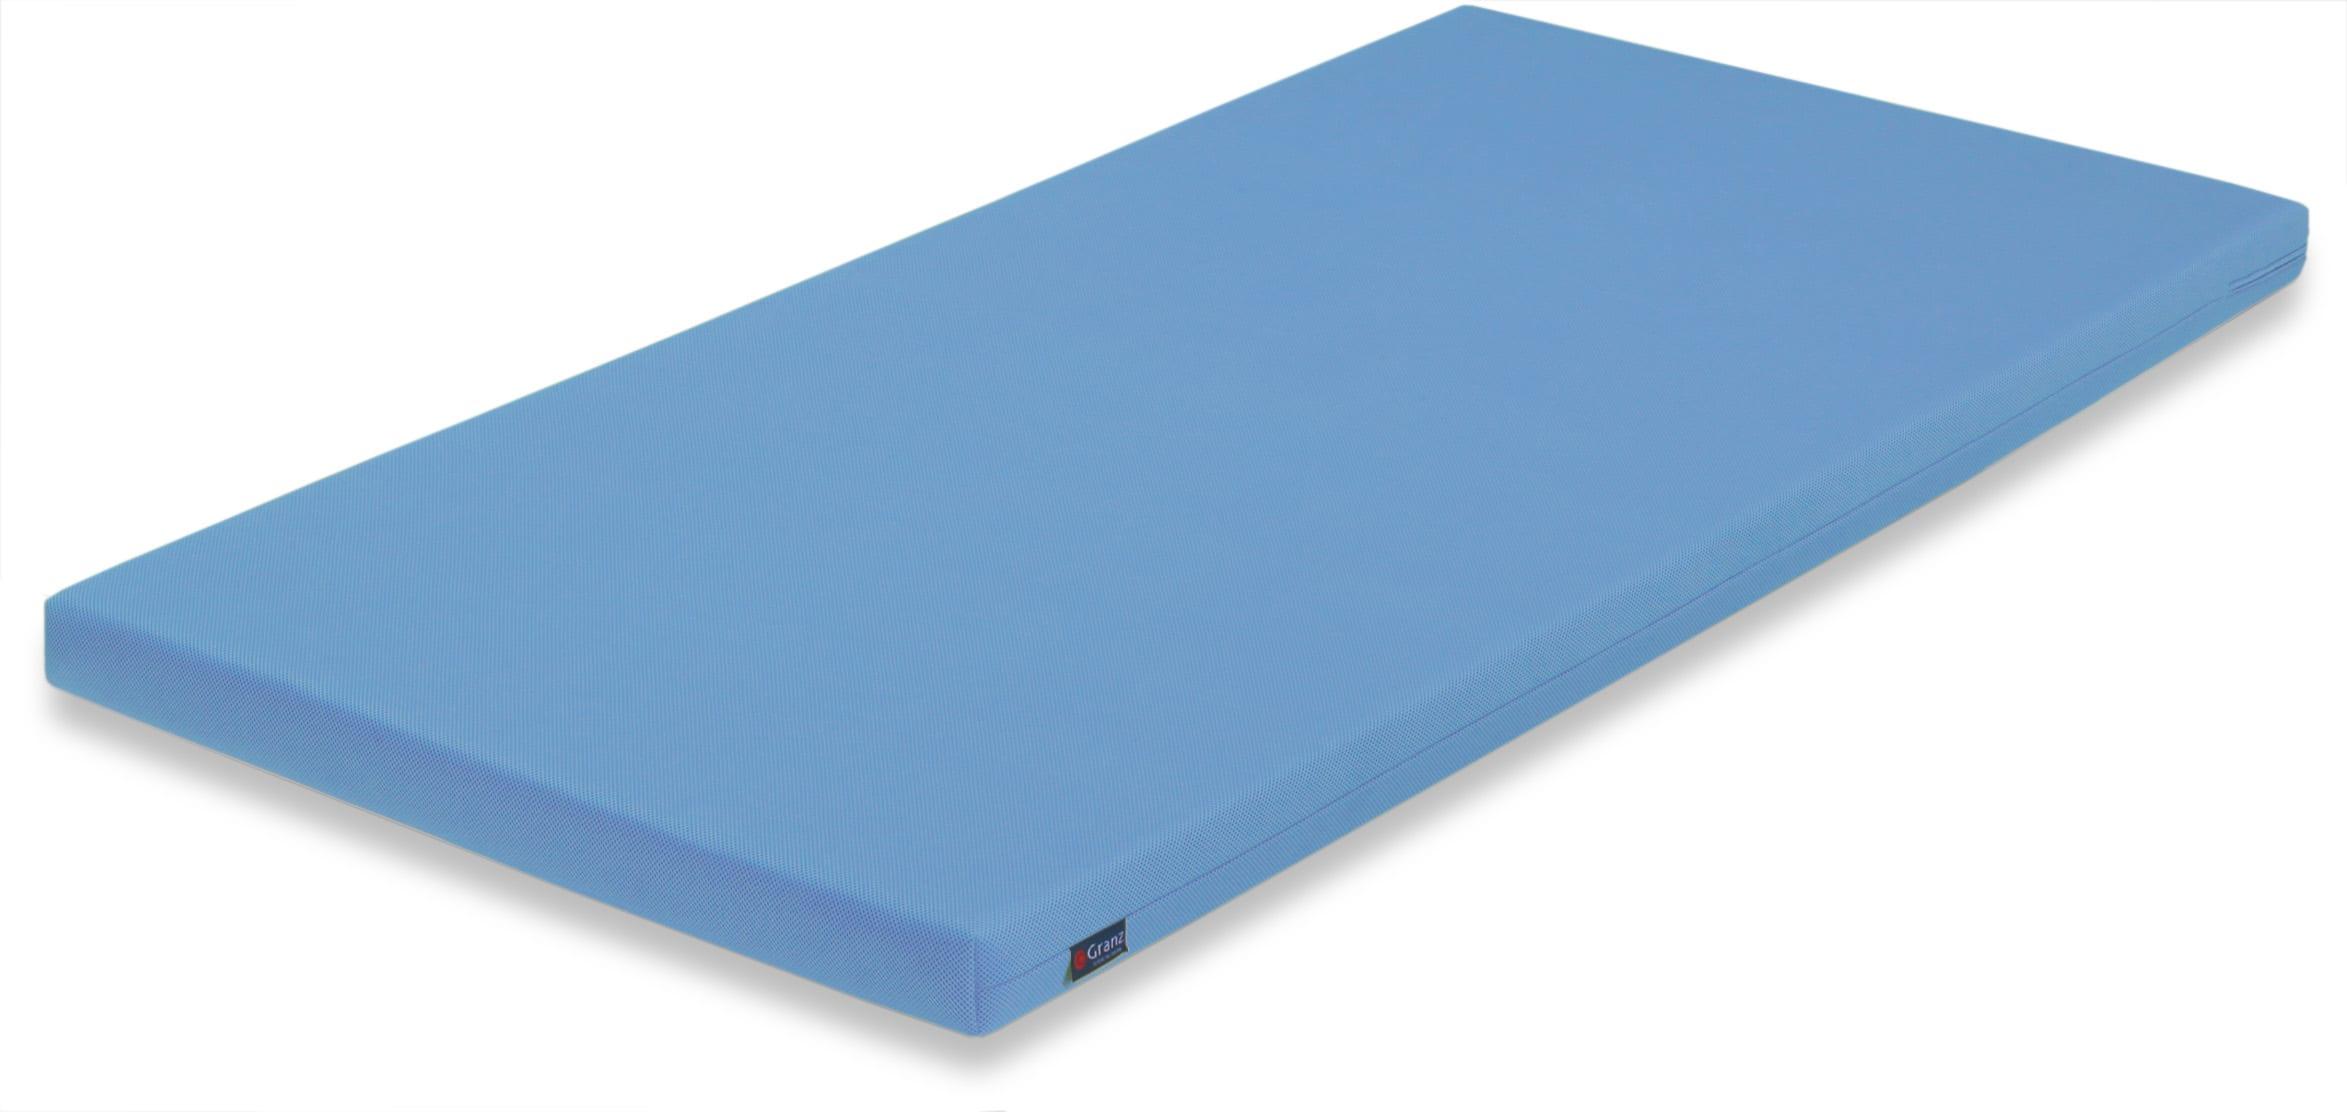 薄型マットレス カラーポケット BLブルー:《システムベッドのマットレスにおすすめ》